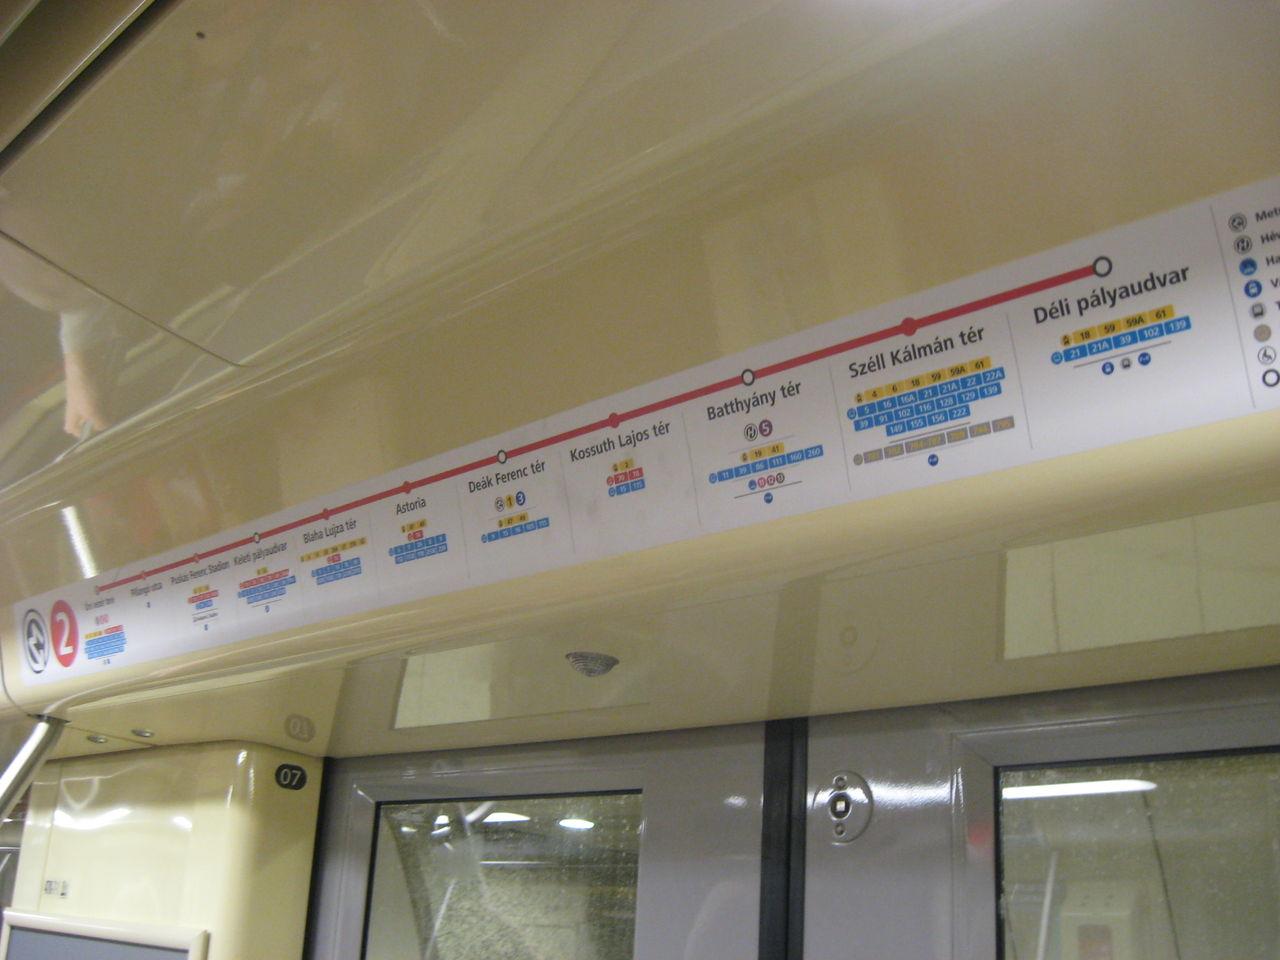 ブダペスト地下鉄の画像 p1_25